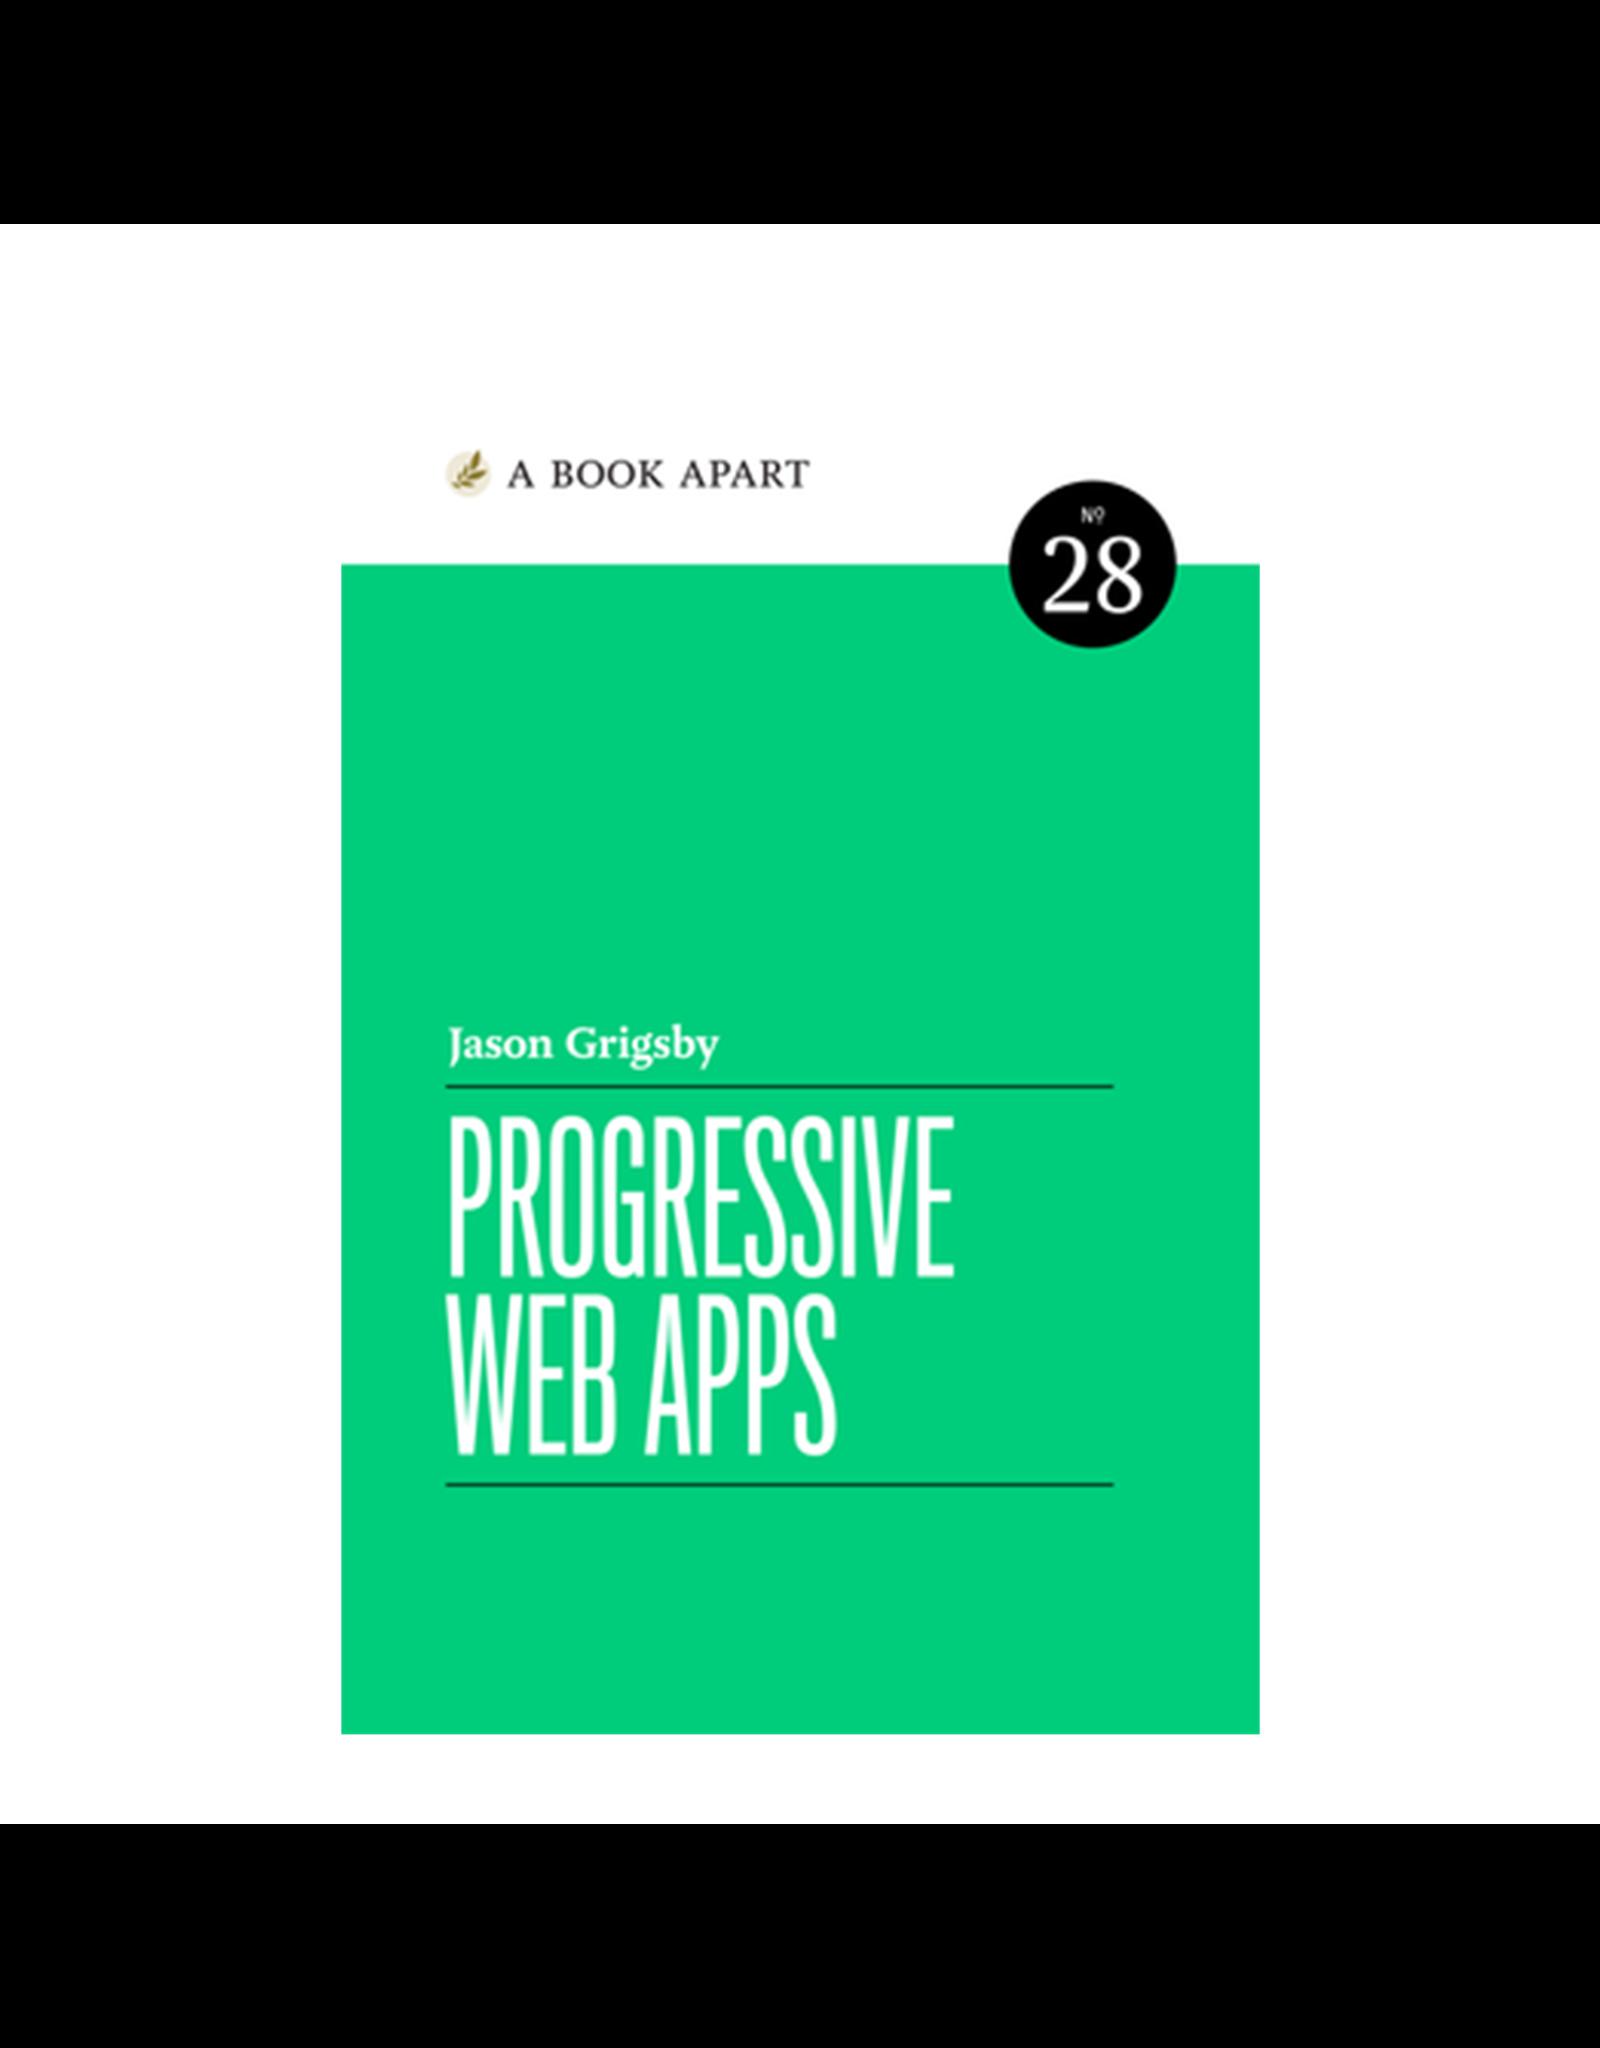 A Book Apart: Progressive Web Apps (No. 28)